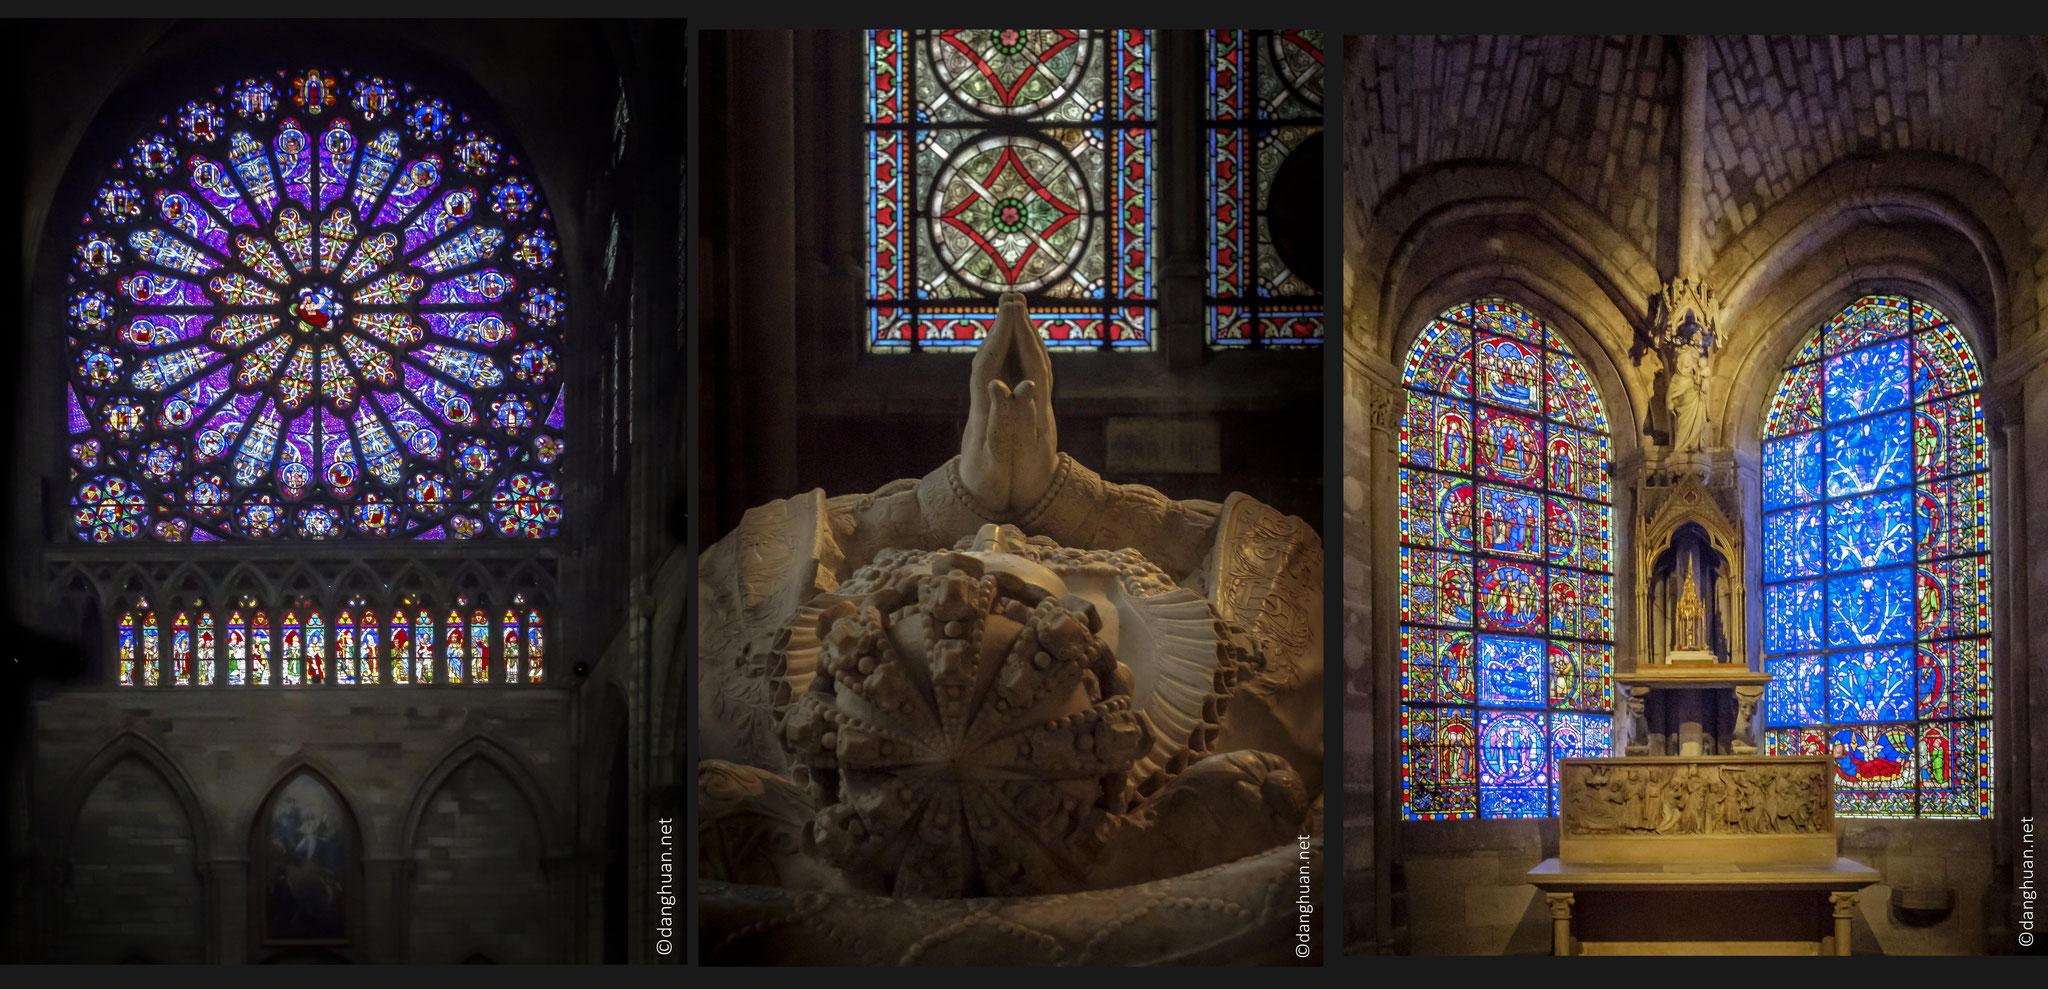 Basilique St Denis - les vitraux de l'abbée Suger, épargnées par la Révolution, elles sont ensuite très endommagées puis remontées au XIXe siècle